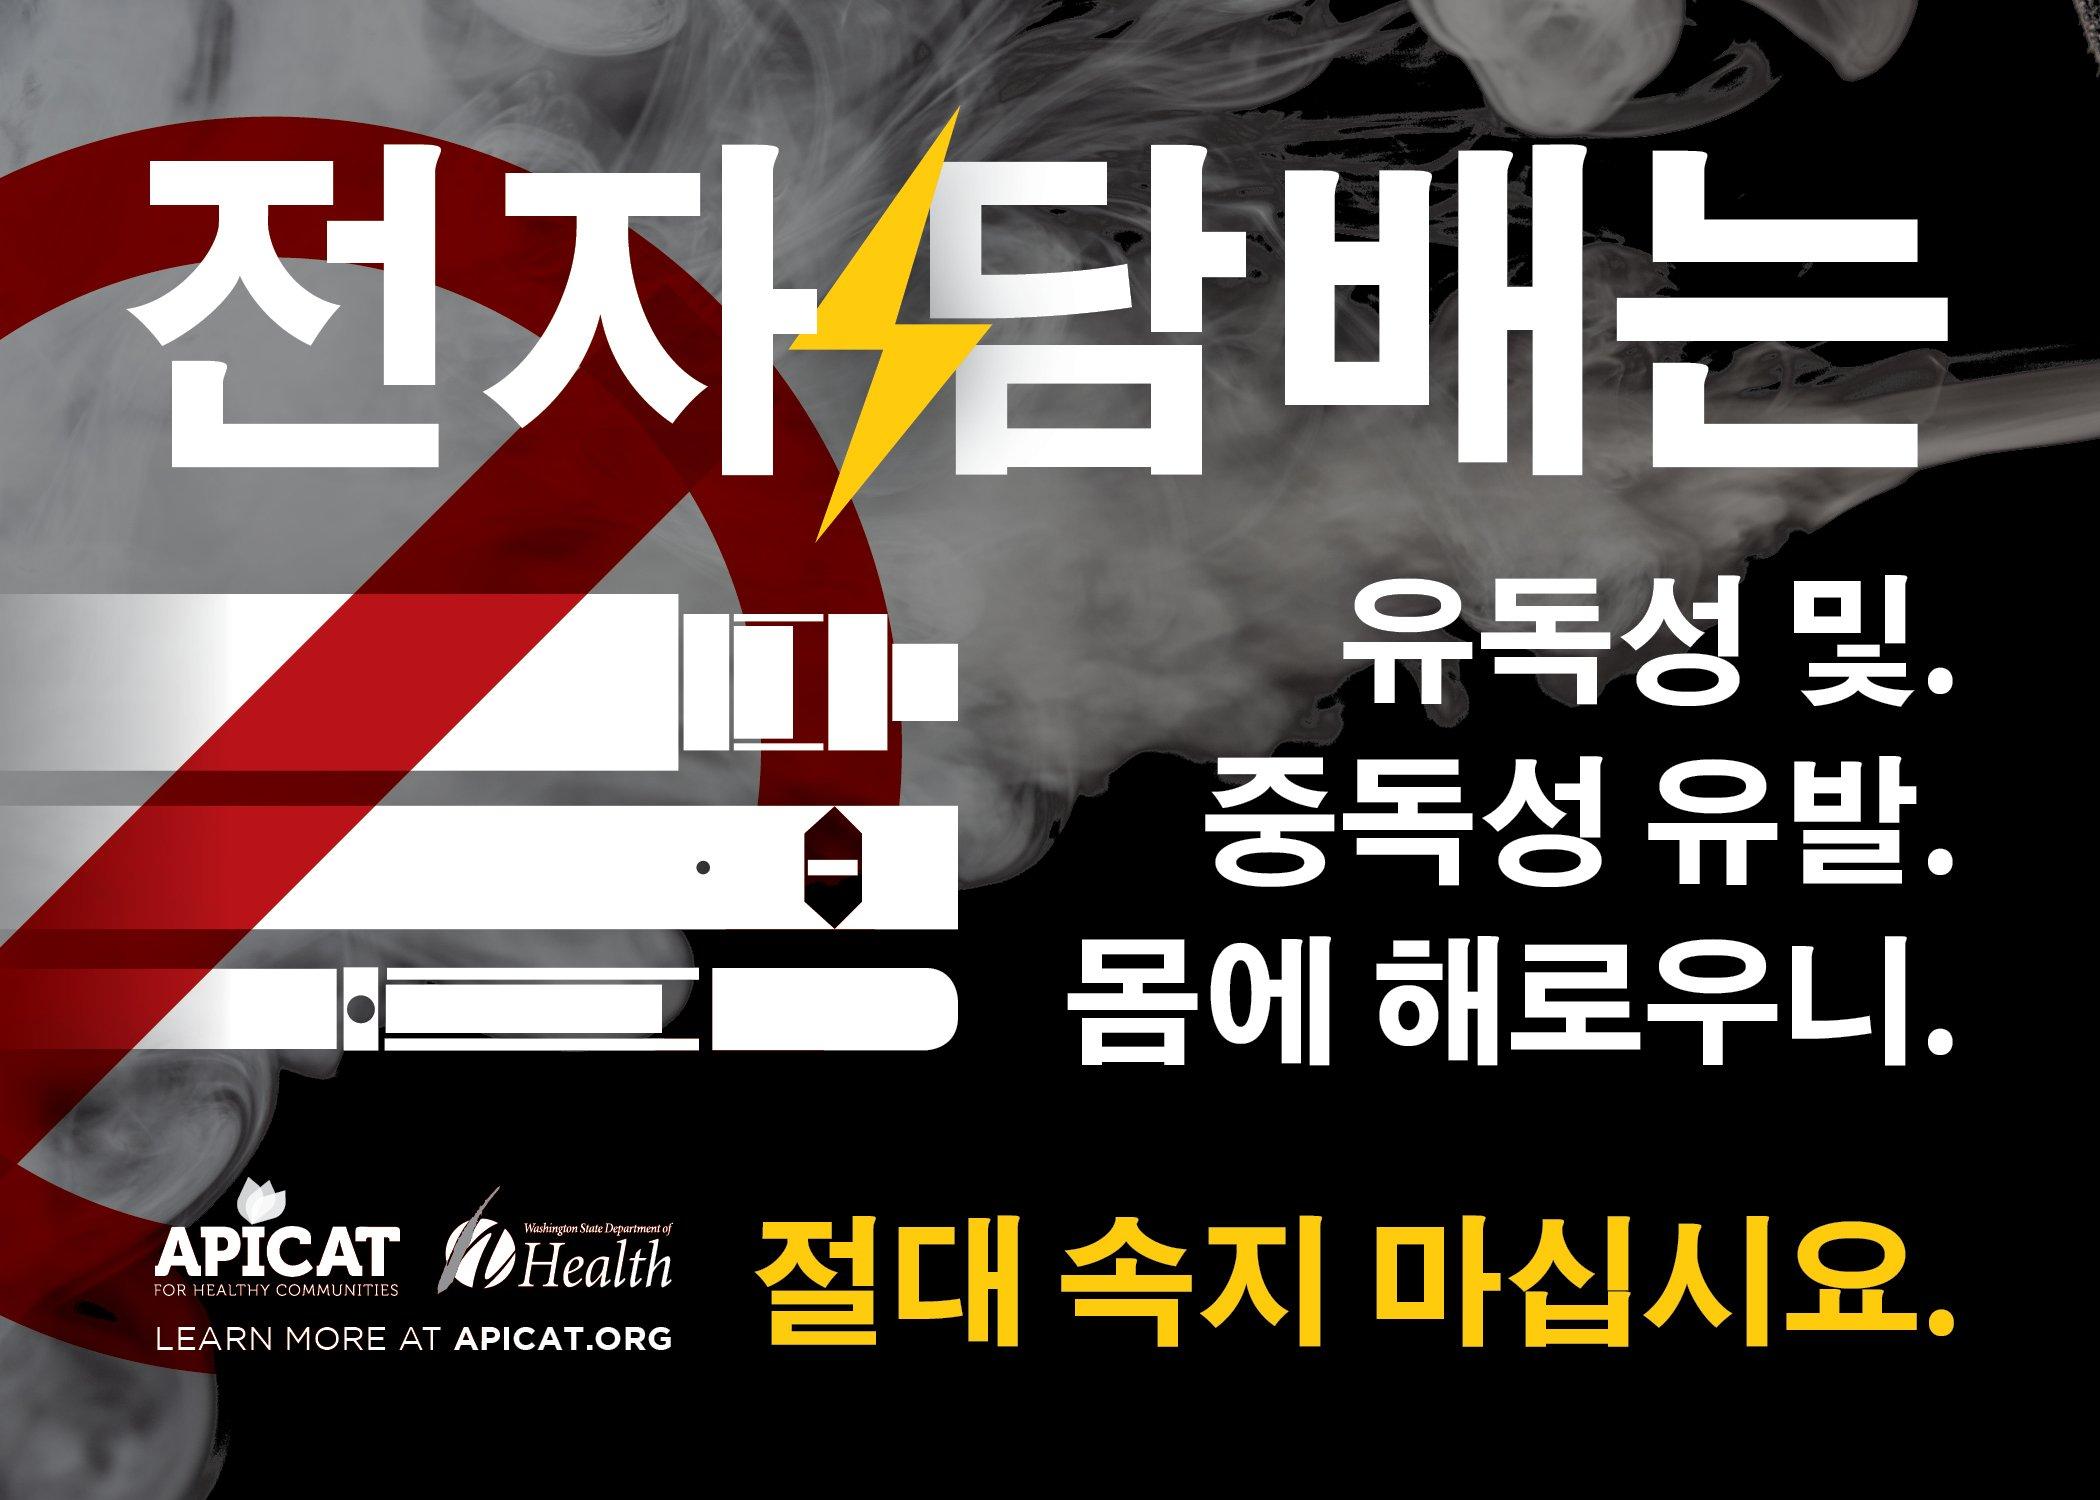 dbf_flyer_korean